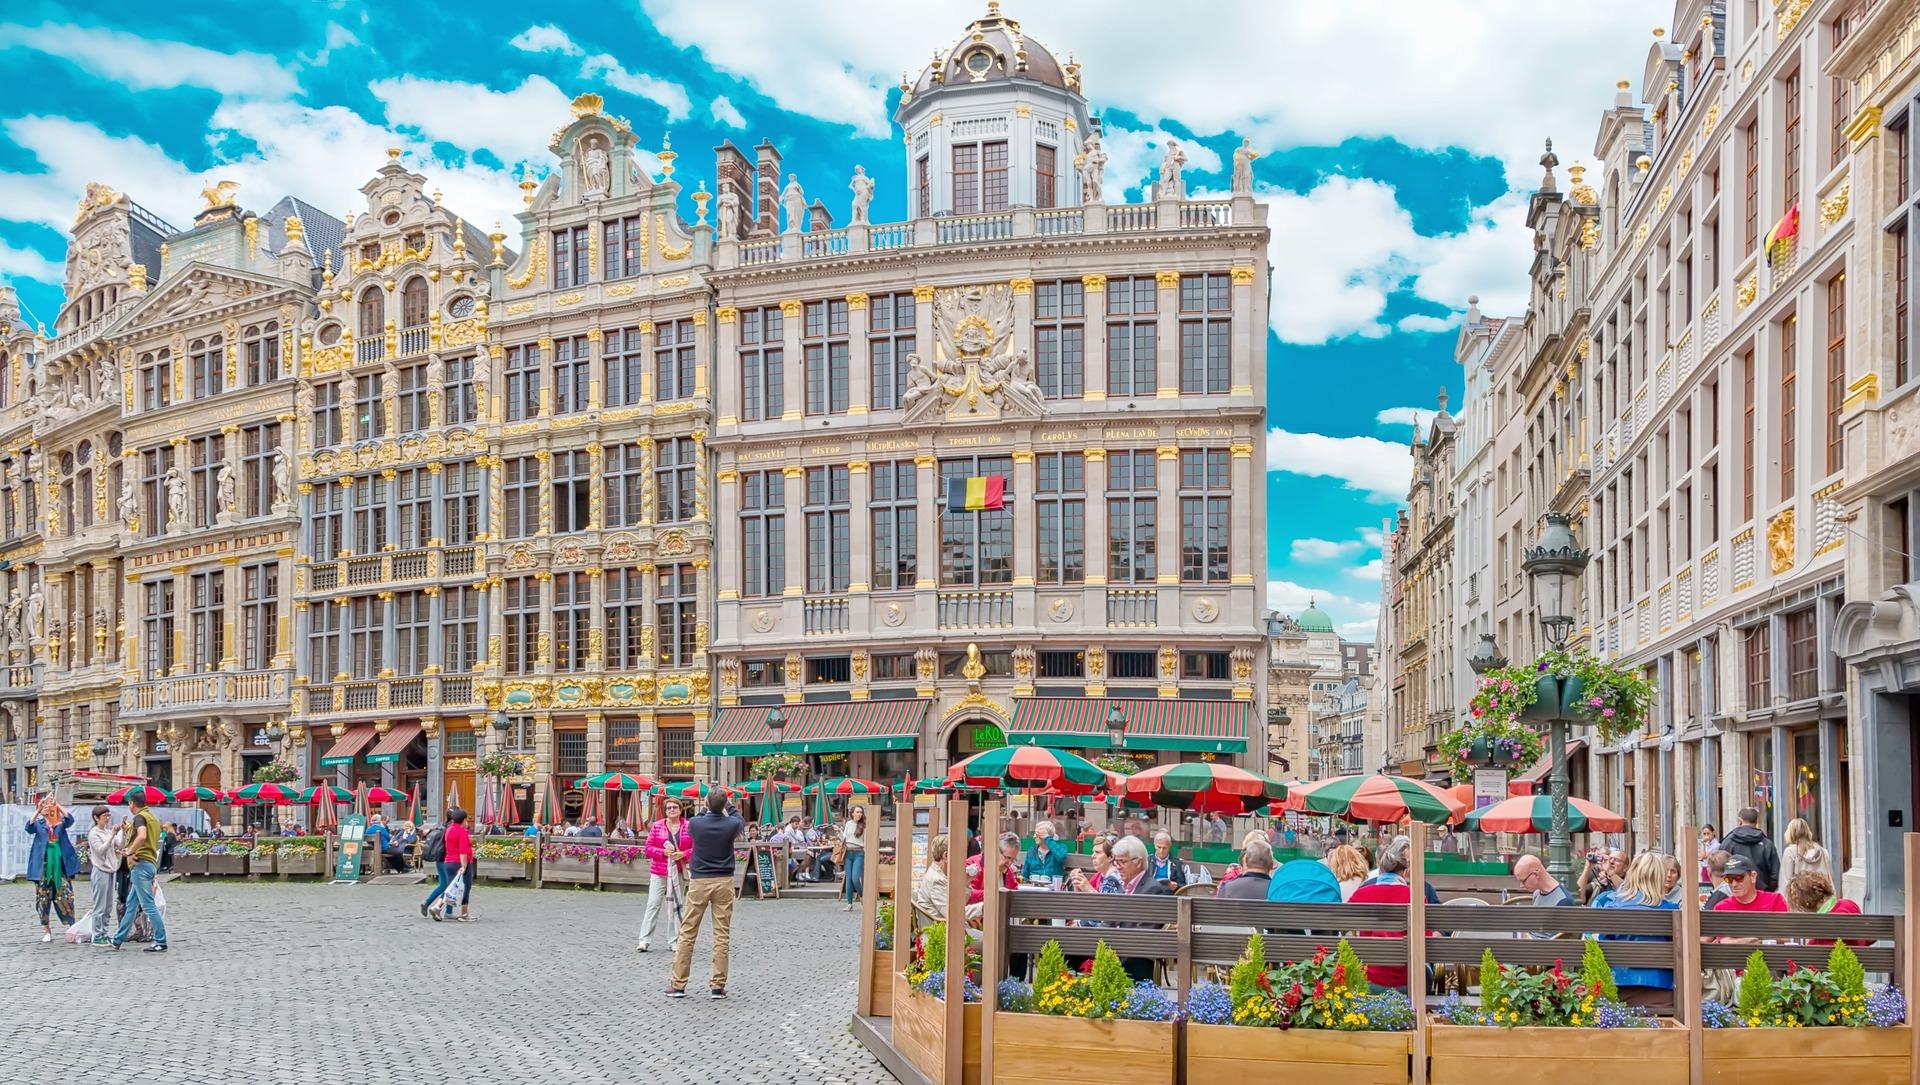 Comment vendre un bien immobilier à Bruxelles sans passer par une agence?